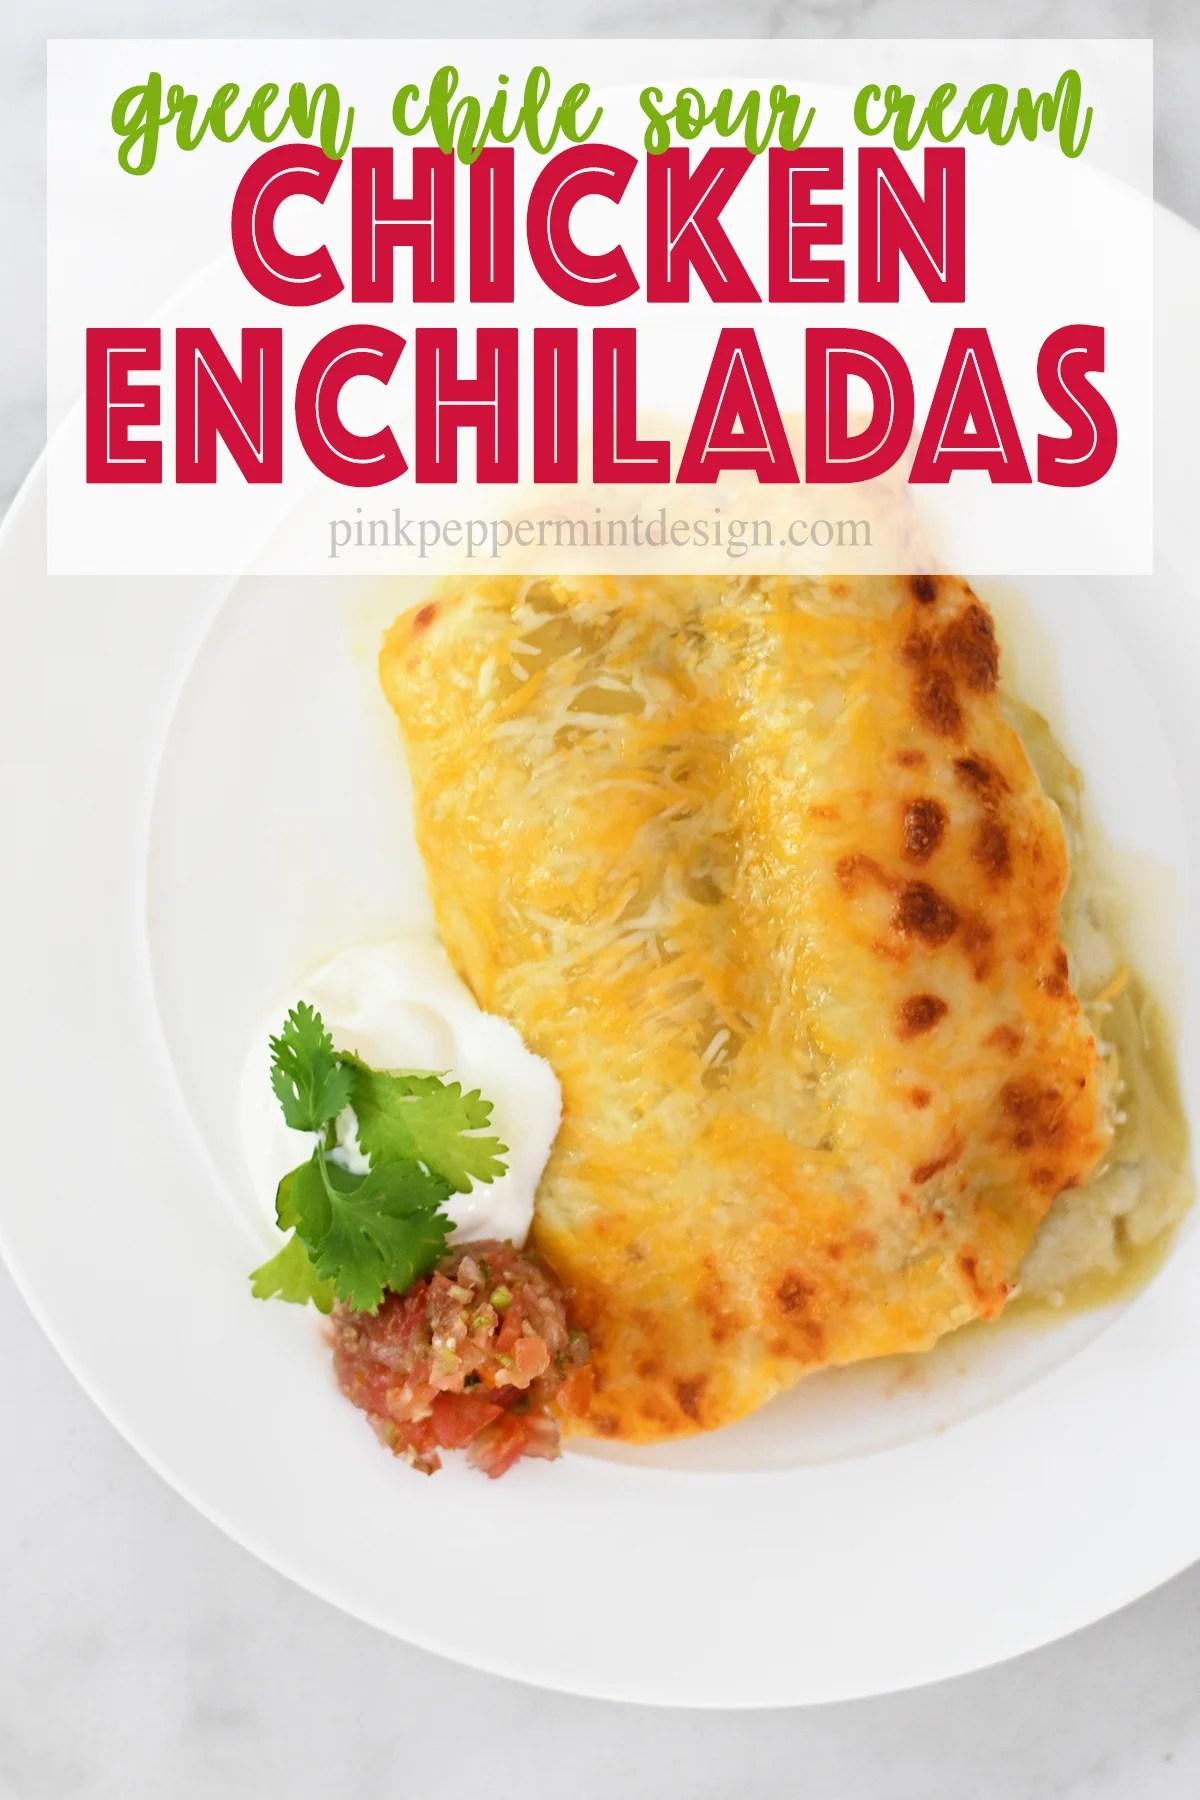 Best Green Chile Sour Cream Chicken Enchiladas Recipe